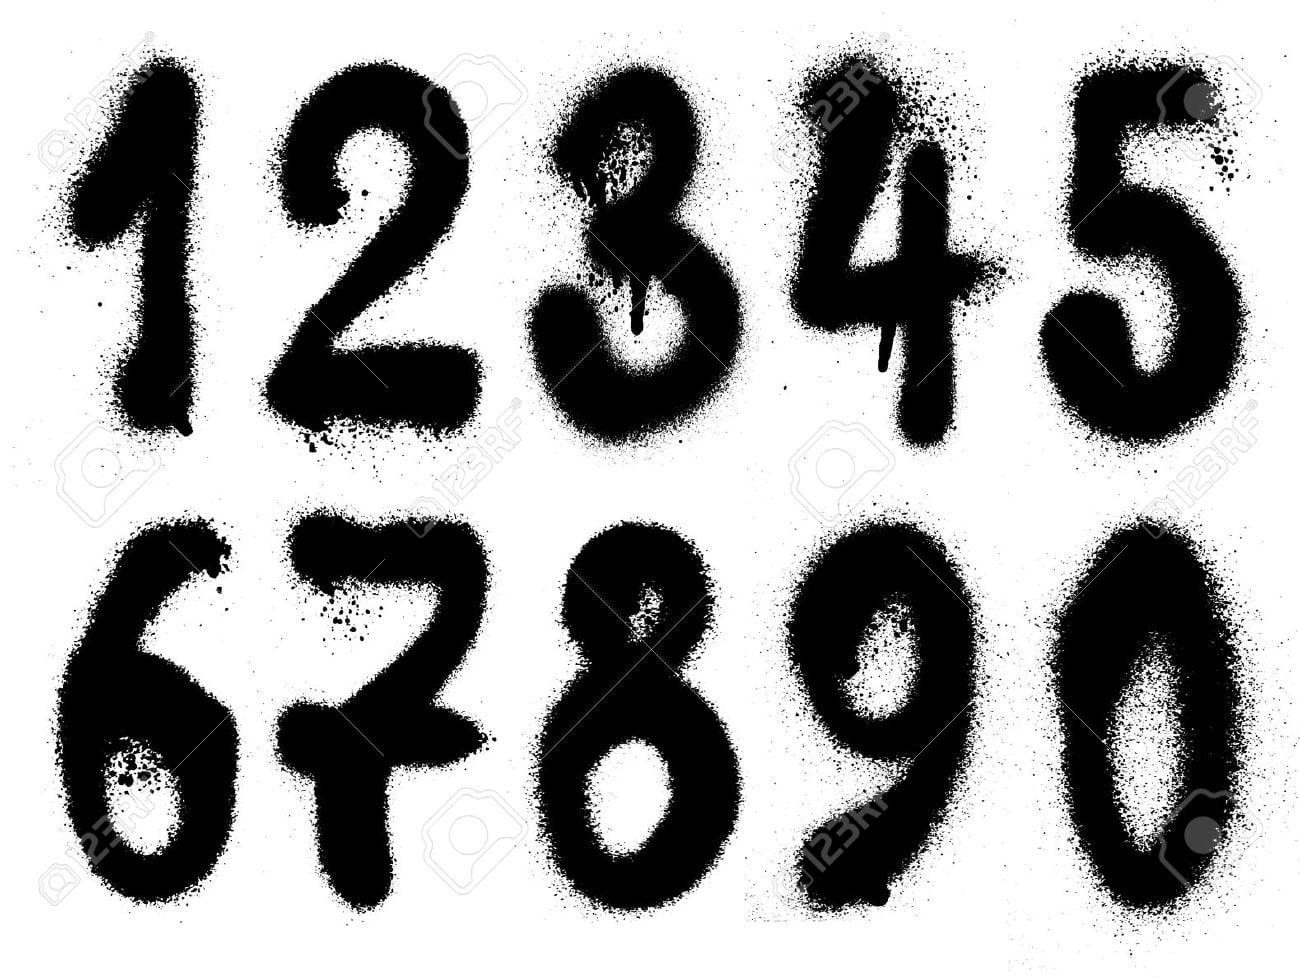 Números Graffiti Grunge Mão Desenhada Banco De Imagens Royalty